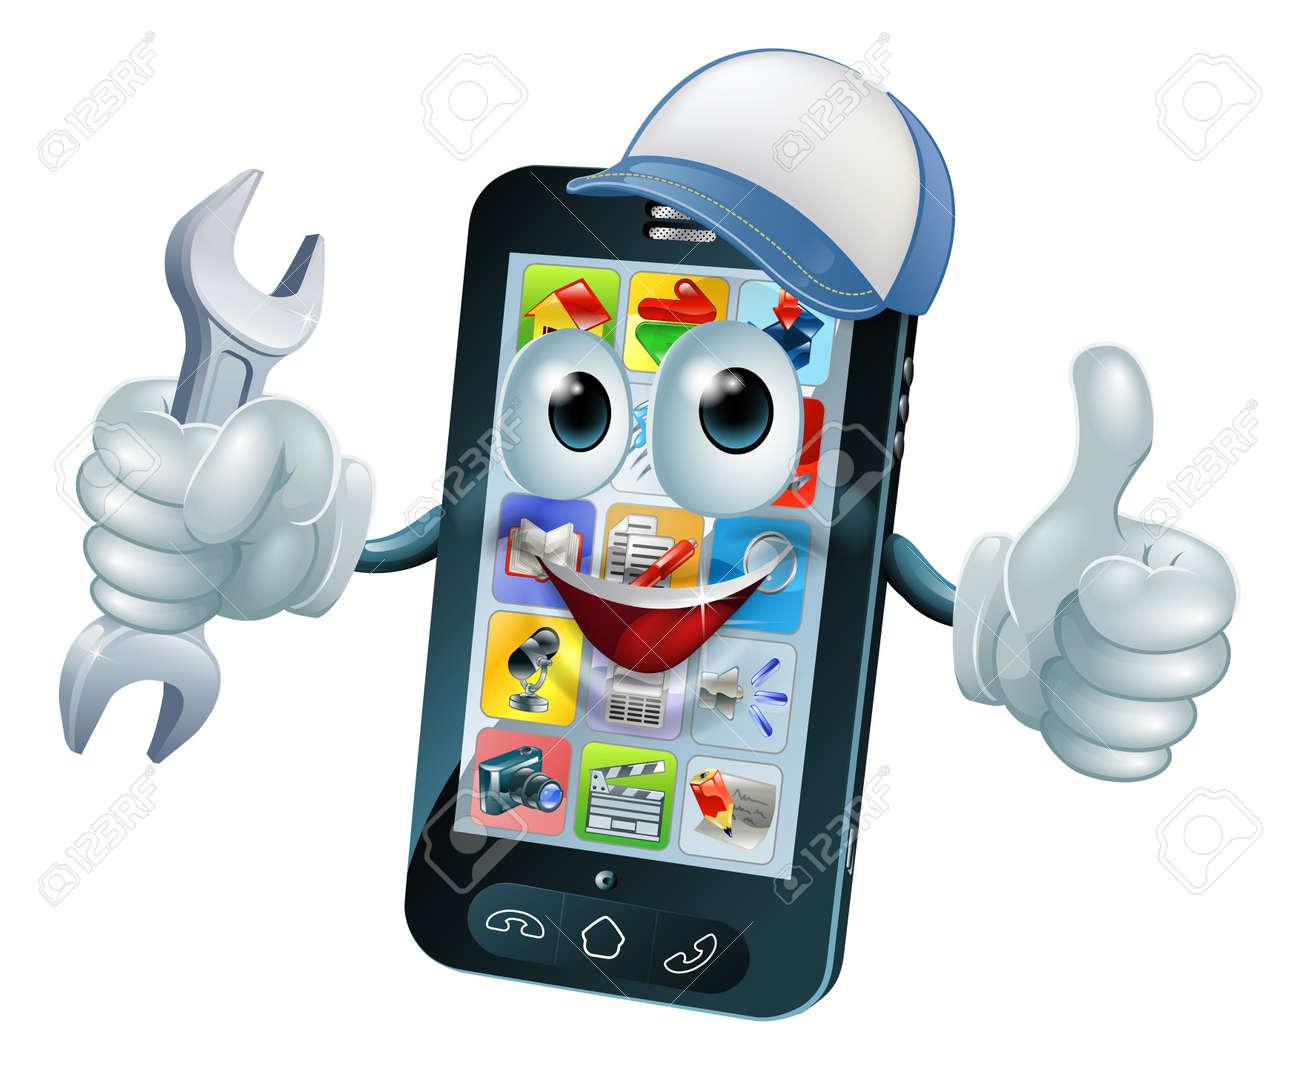 Mobile repair mascot phone mascot person giving a thumbs up while mobile repair mascot phone mascot person giving a thumbs up while holding a wrench or spanner buycottarizona